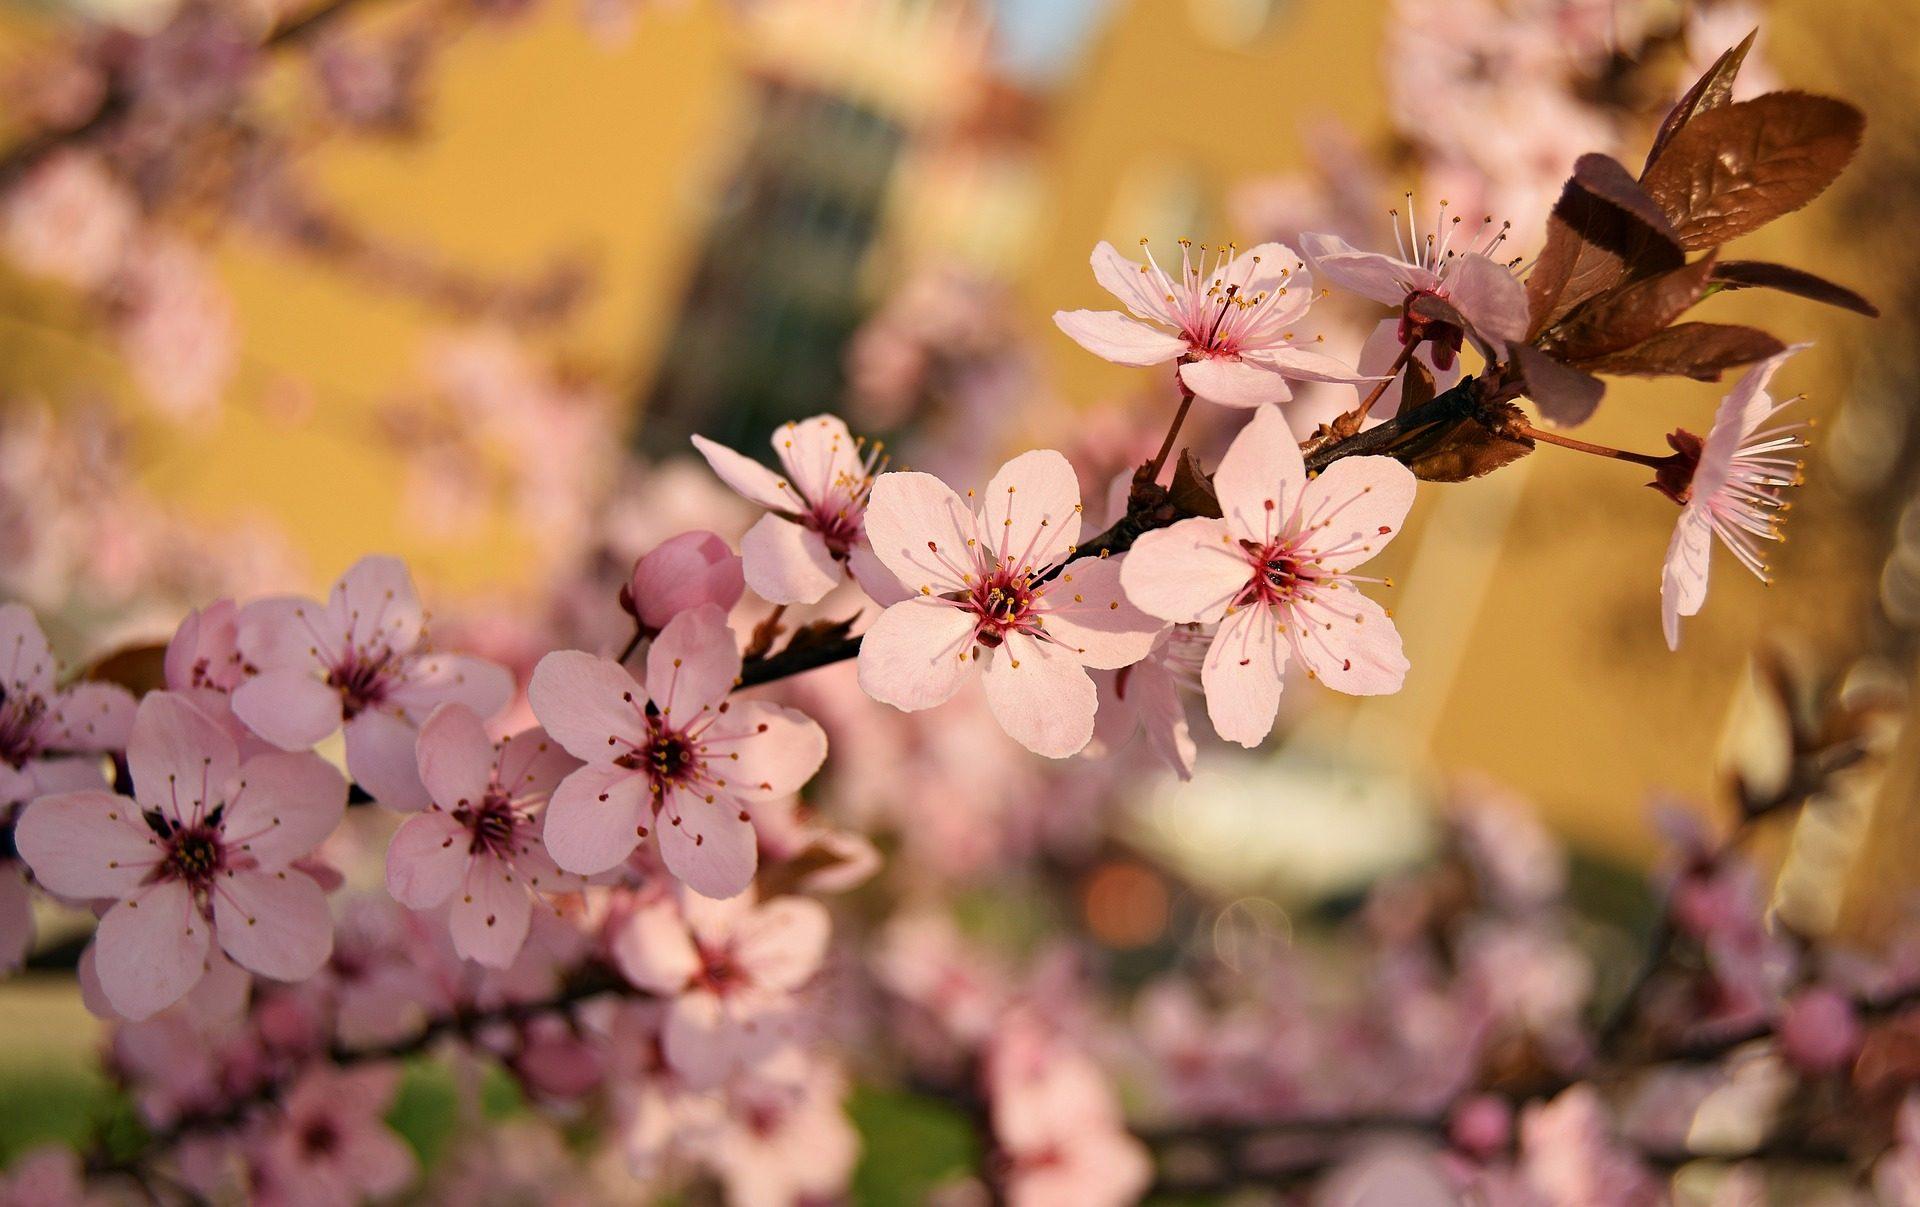 λουλούδια, πέταλα, υποκατάστημα, δέντρο, Άνοιξη - Wallpapers HD - Professor-falken.com